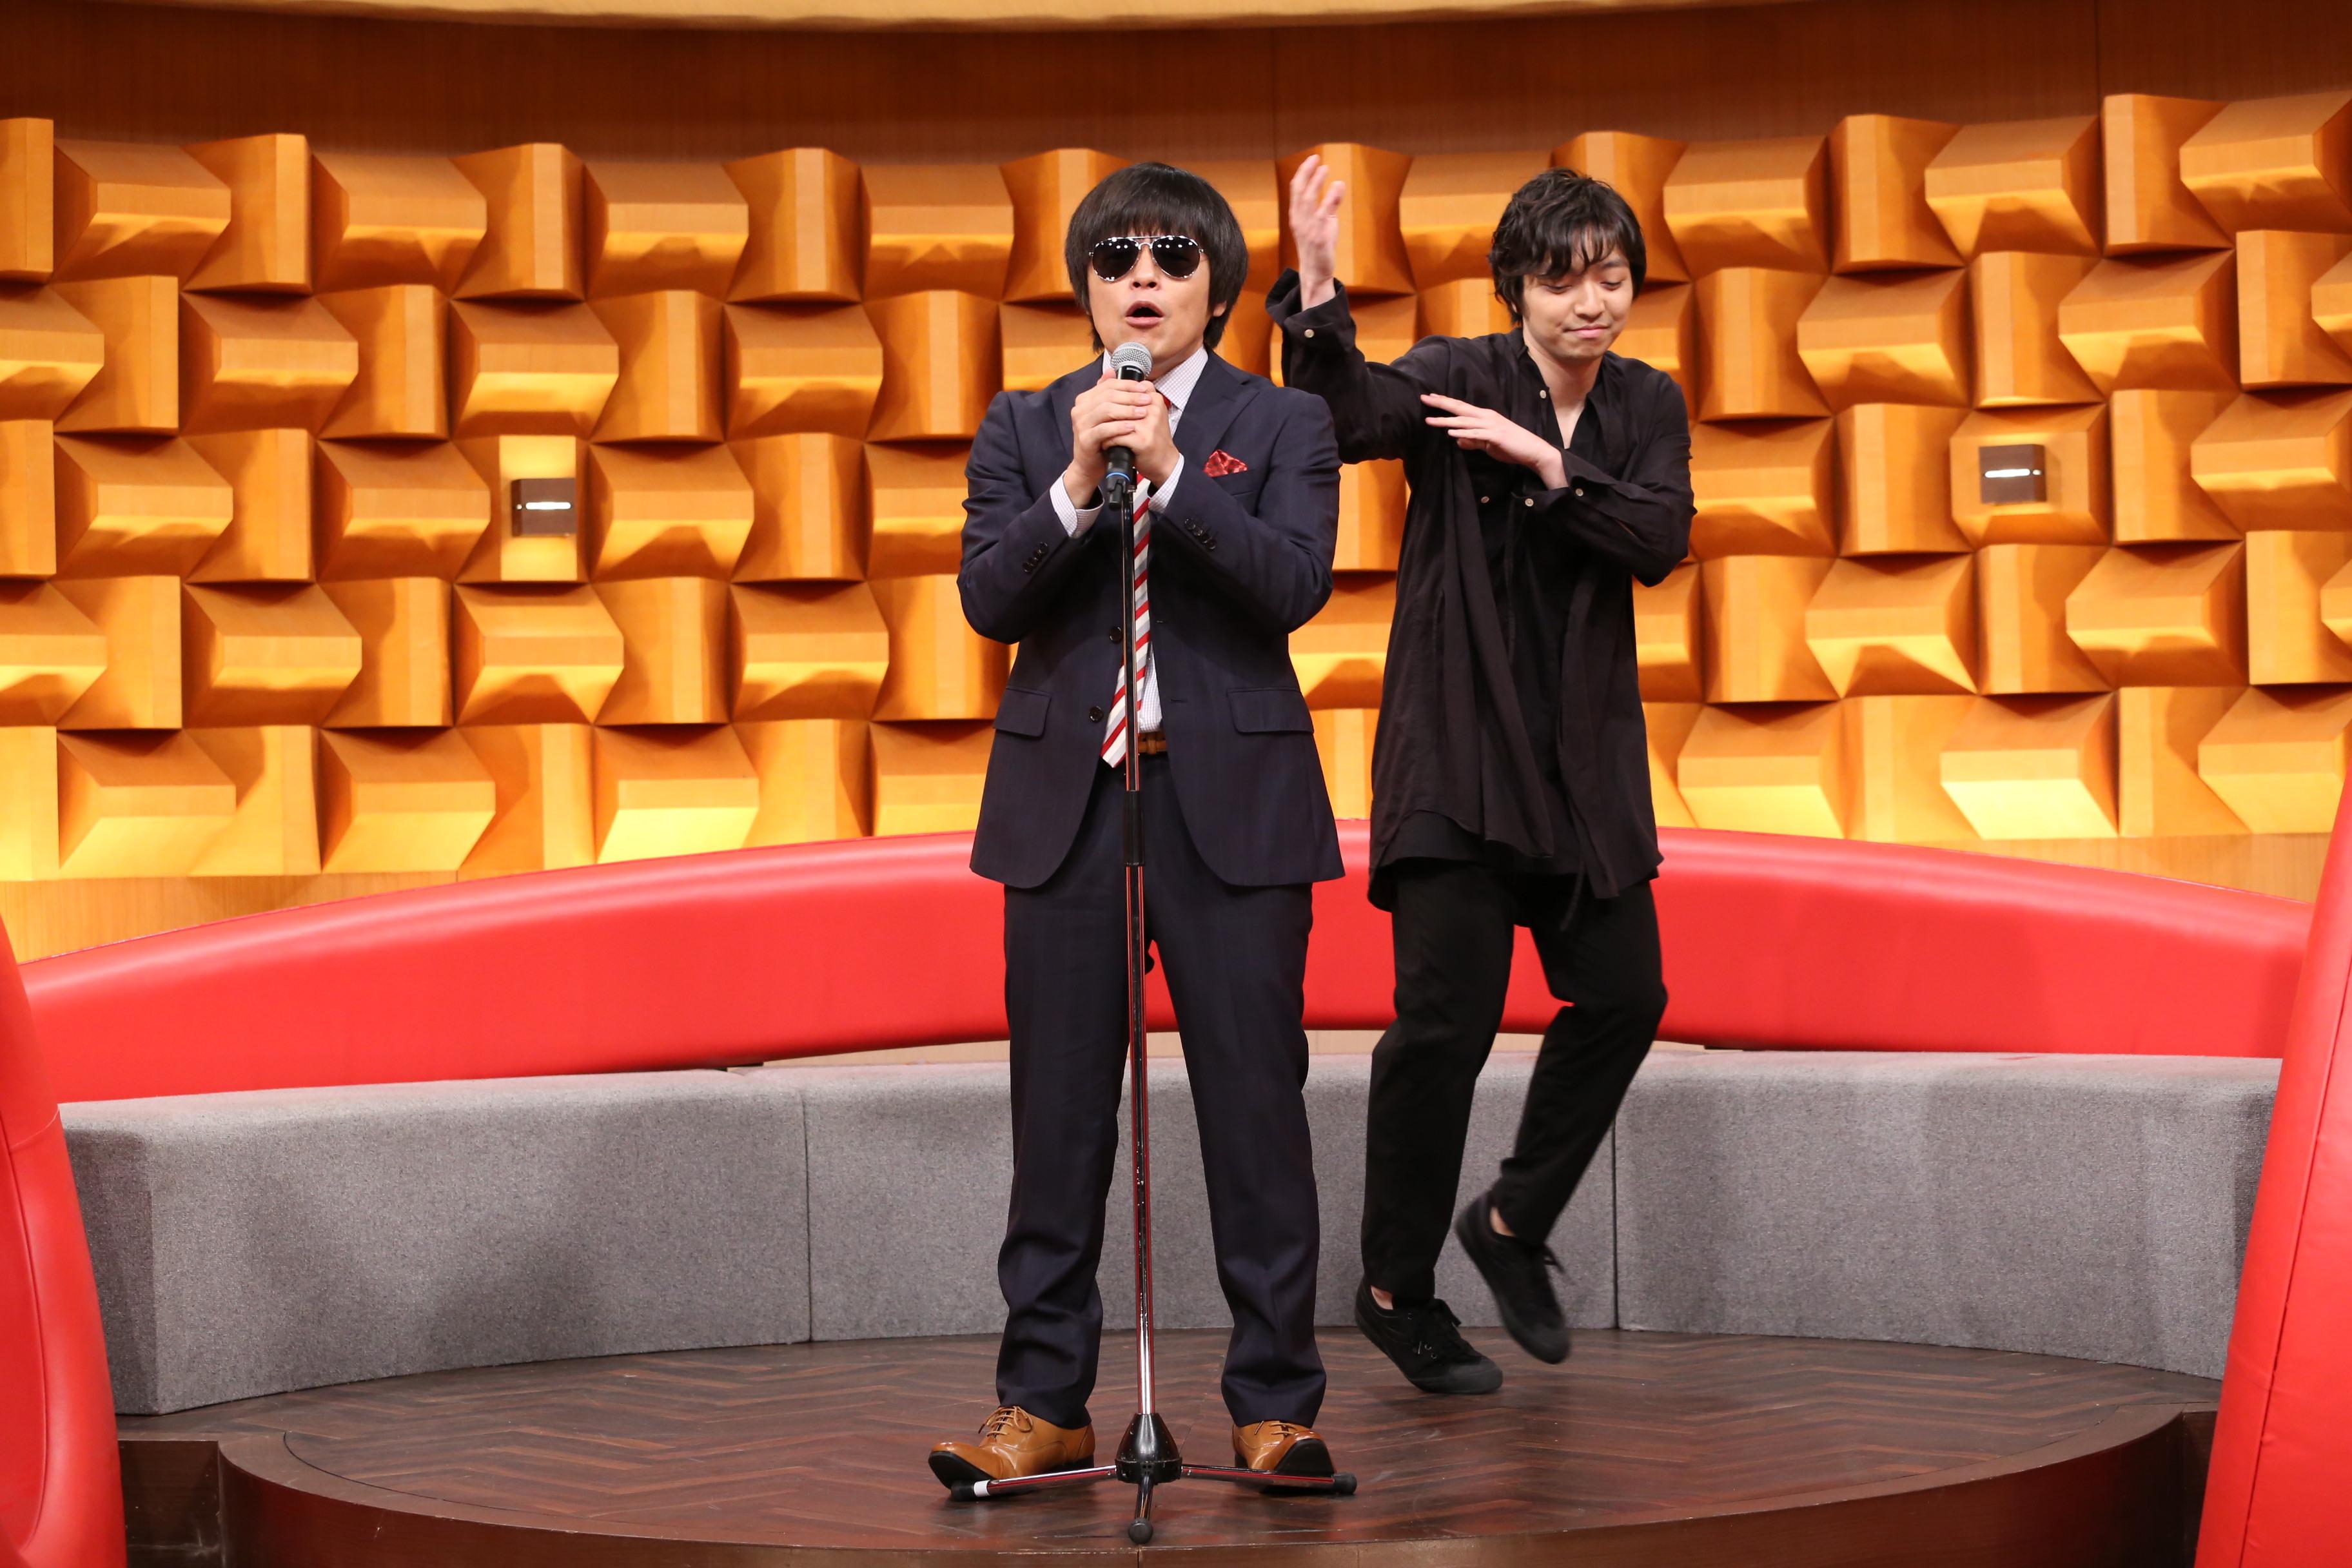 バカリズム、三浦大知  (C)NTV